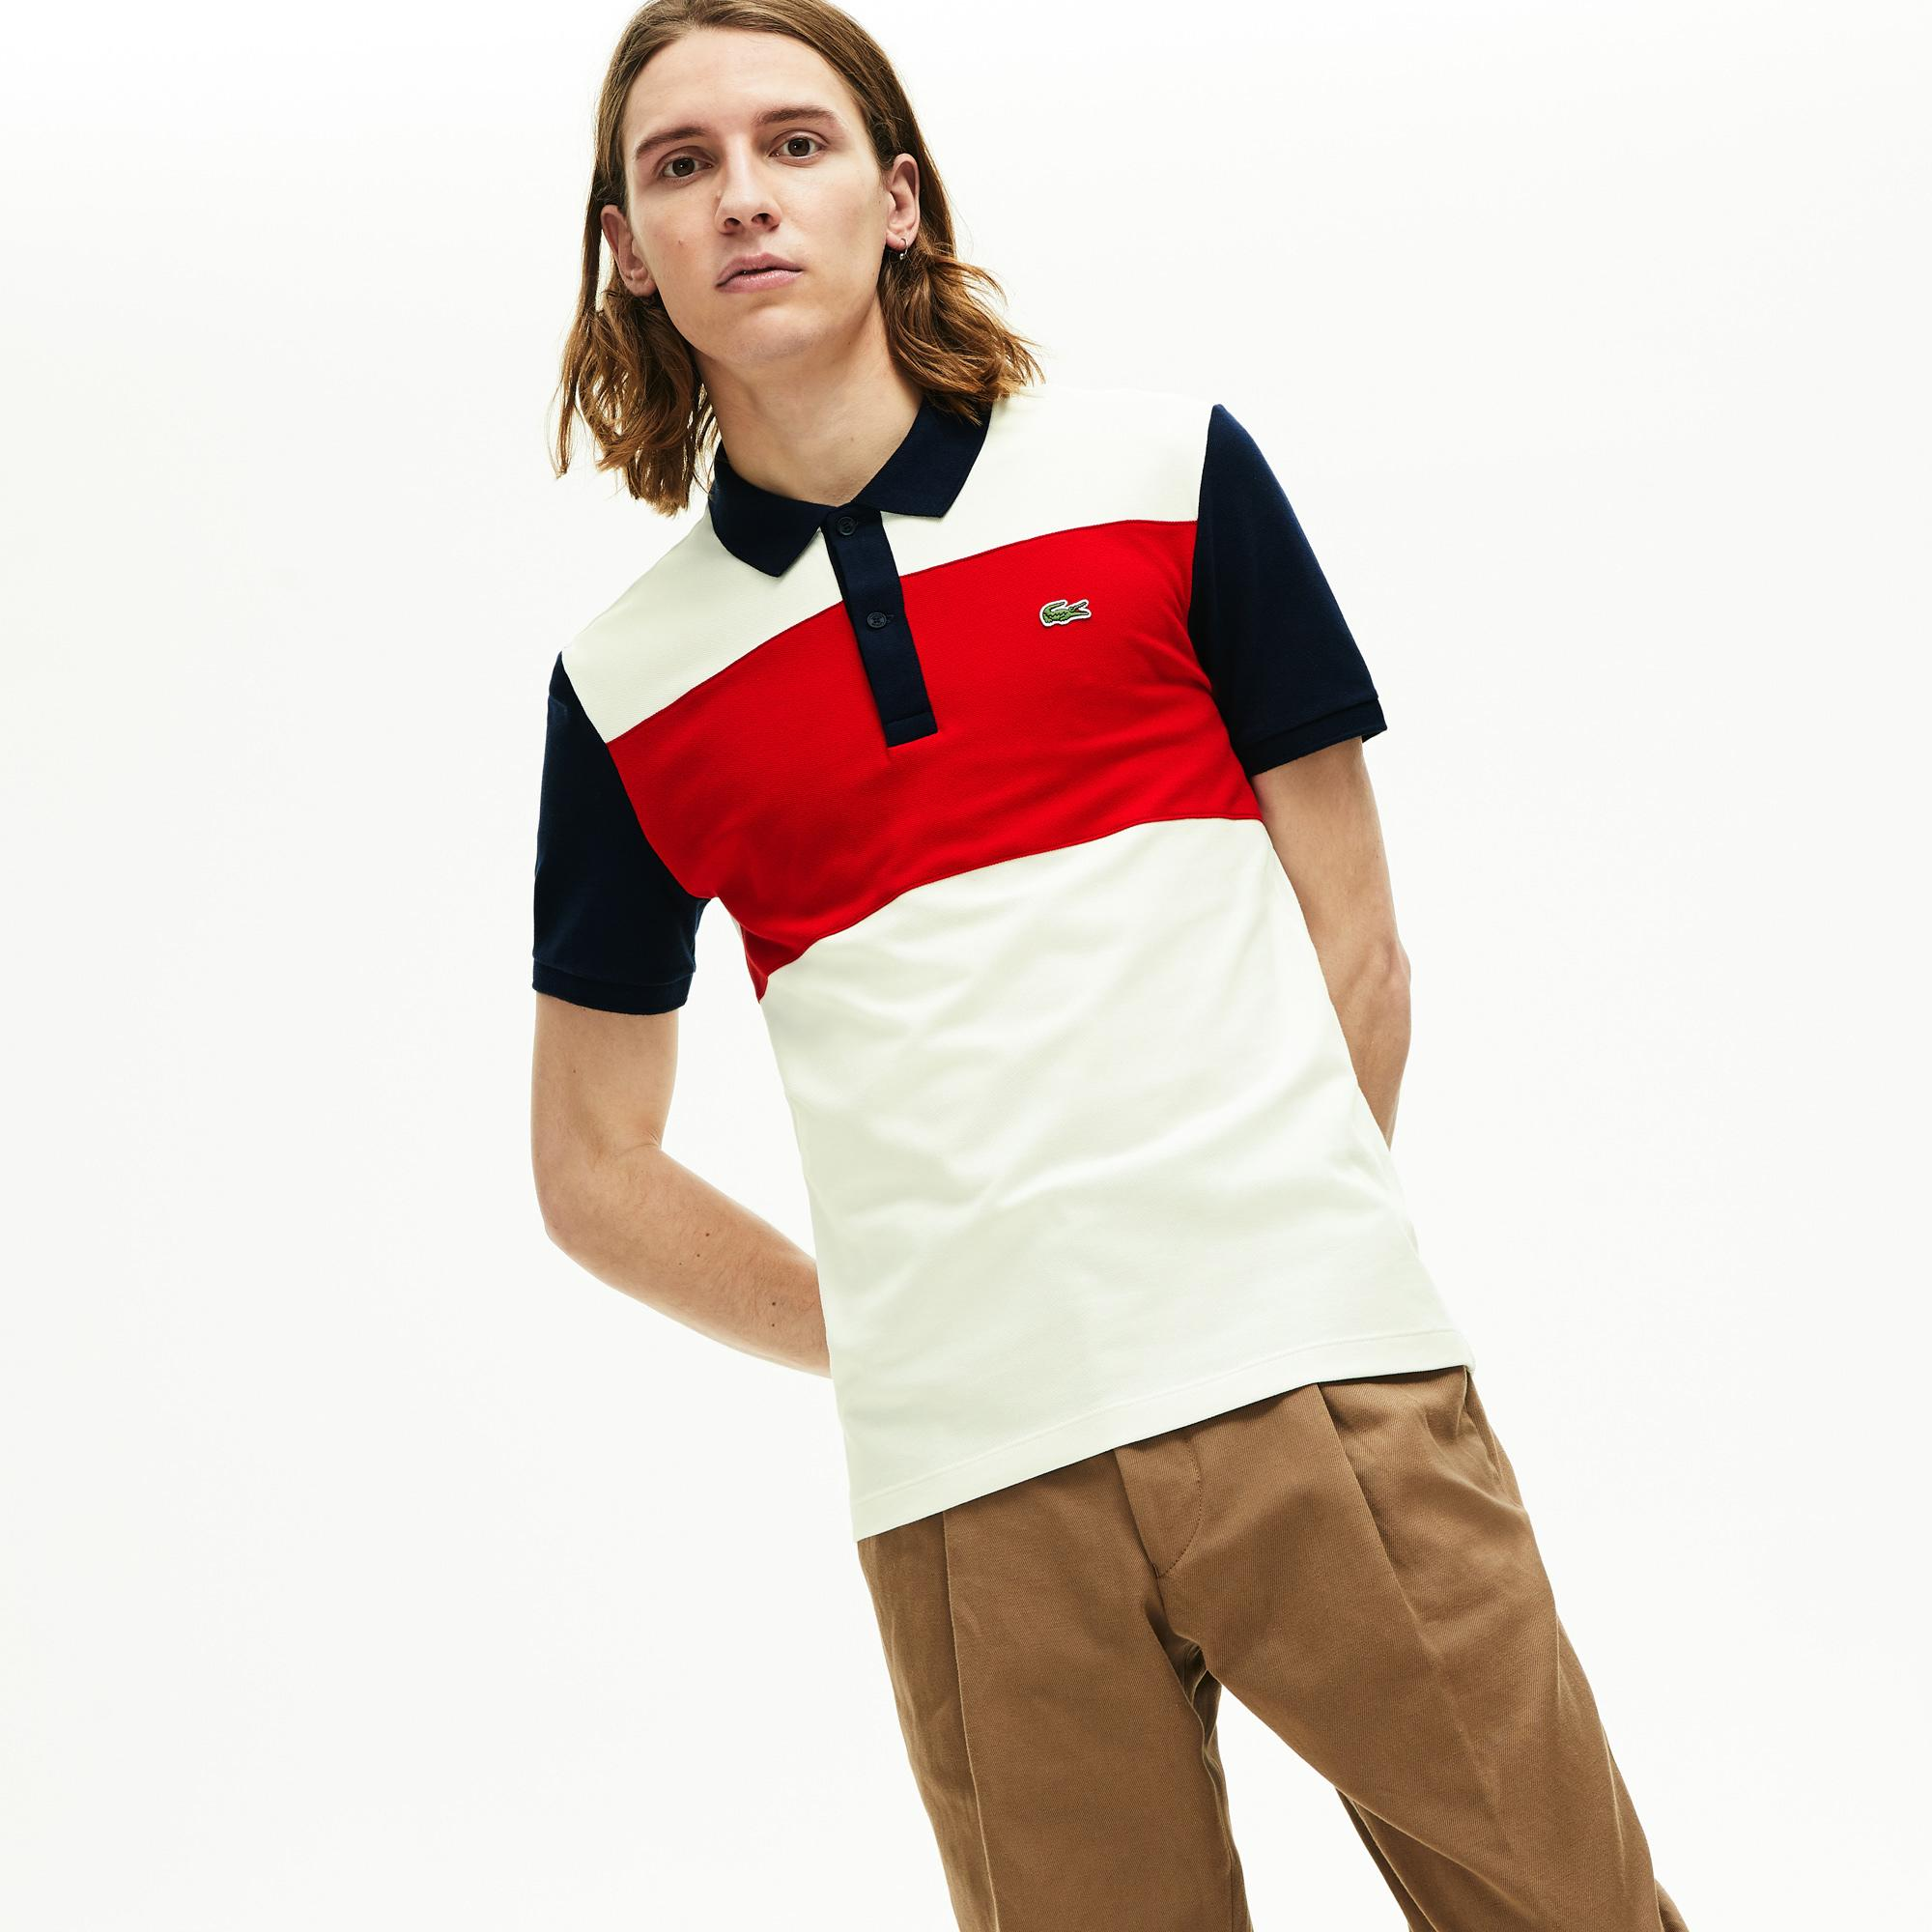 Lacoste Męska Elastyczna Koszulka Polo W Bloki Kolorystyczne